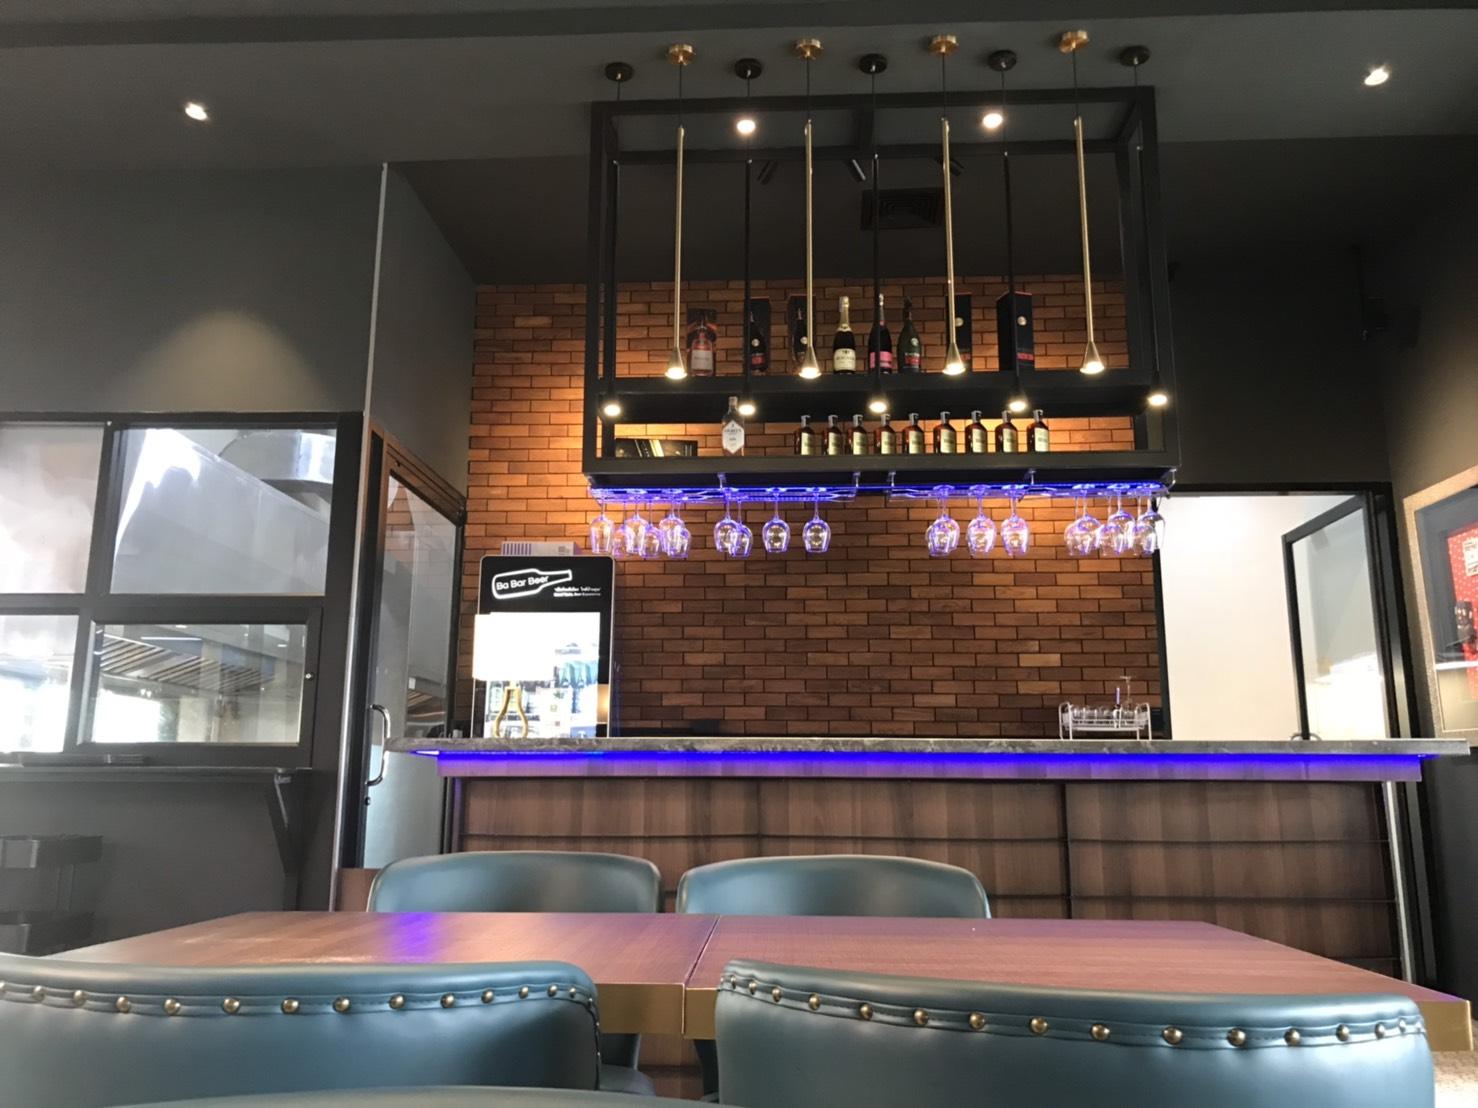 เปลี่ยนร้านกาแฟแบบเก่า ๆ ให้น่าดึงดูดด้วยไม้ เสริมเสน่ห์ให้ร้านกาแฟด้วยไม้